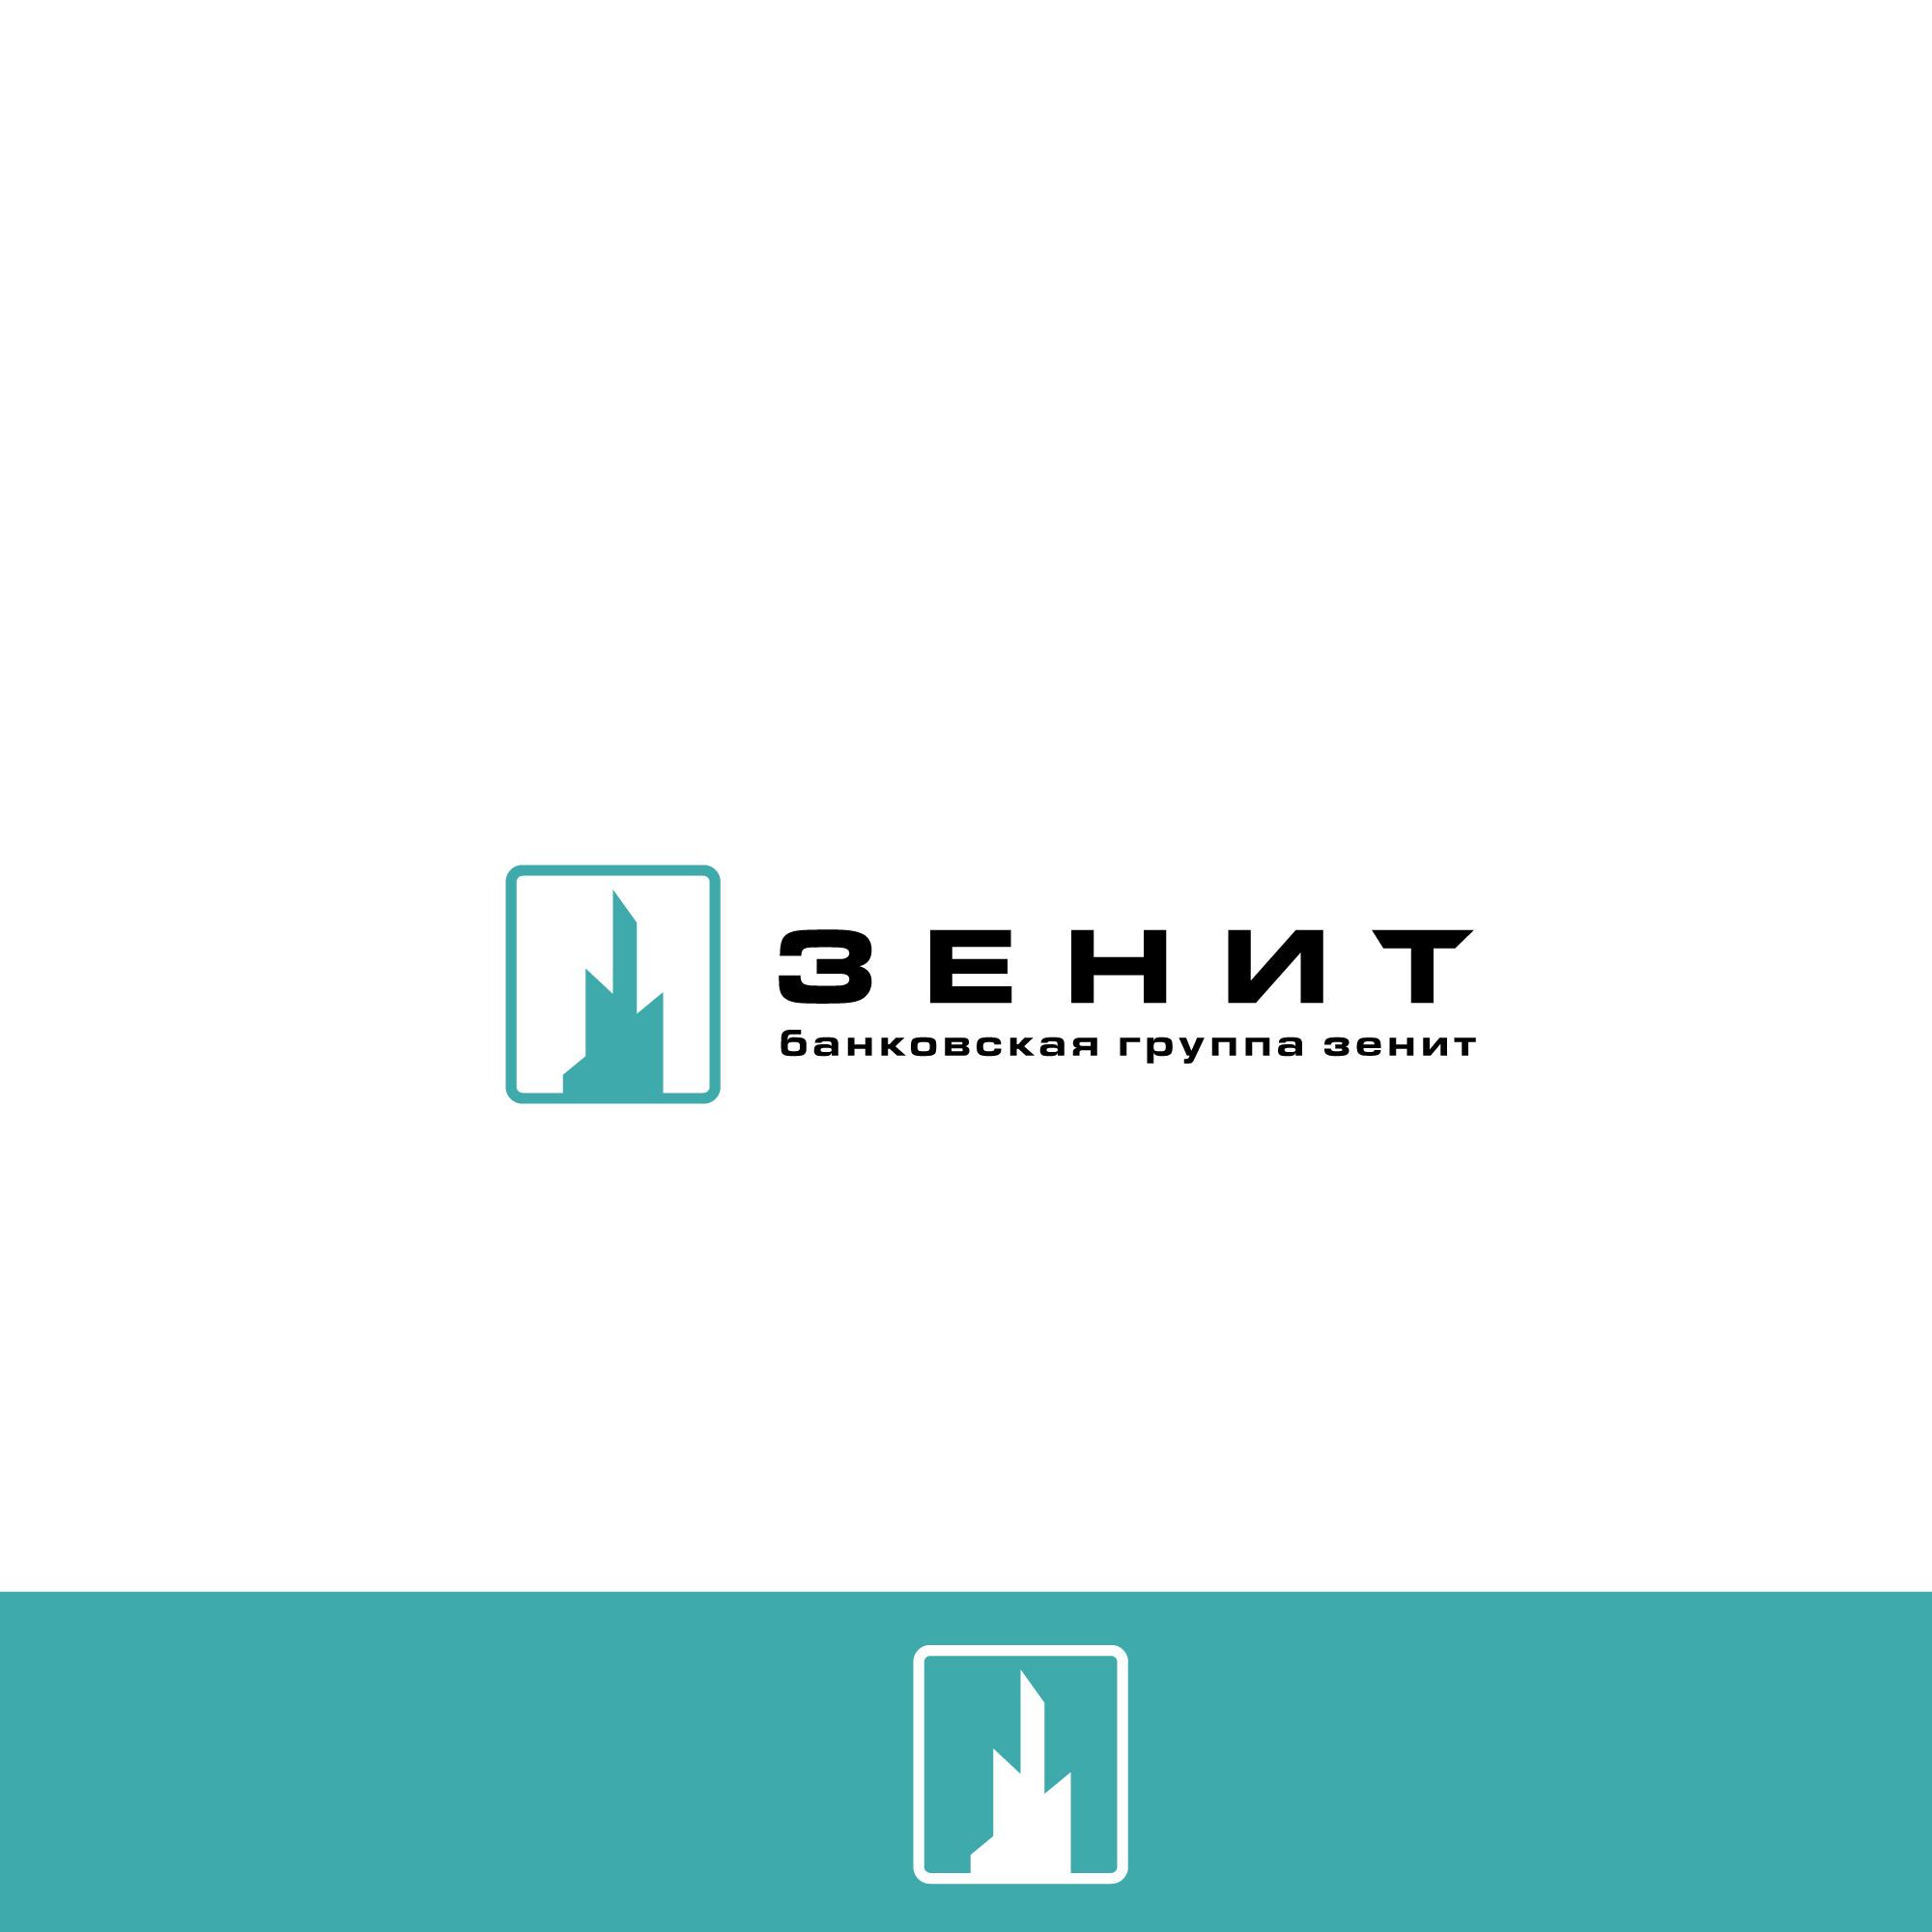 Разработка логотипа для Банка ЗЕНИТ фото f_2125b4a8a7d232f1.jpg